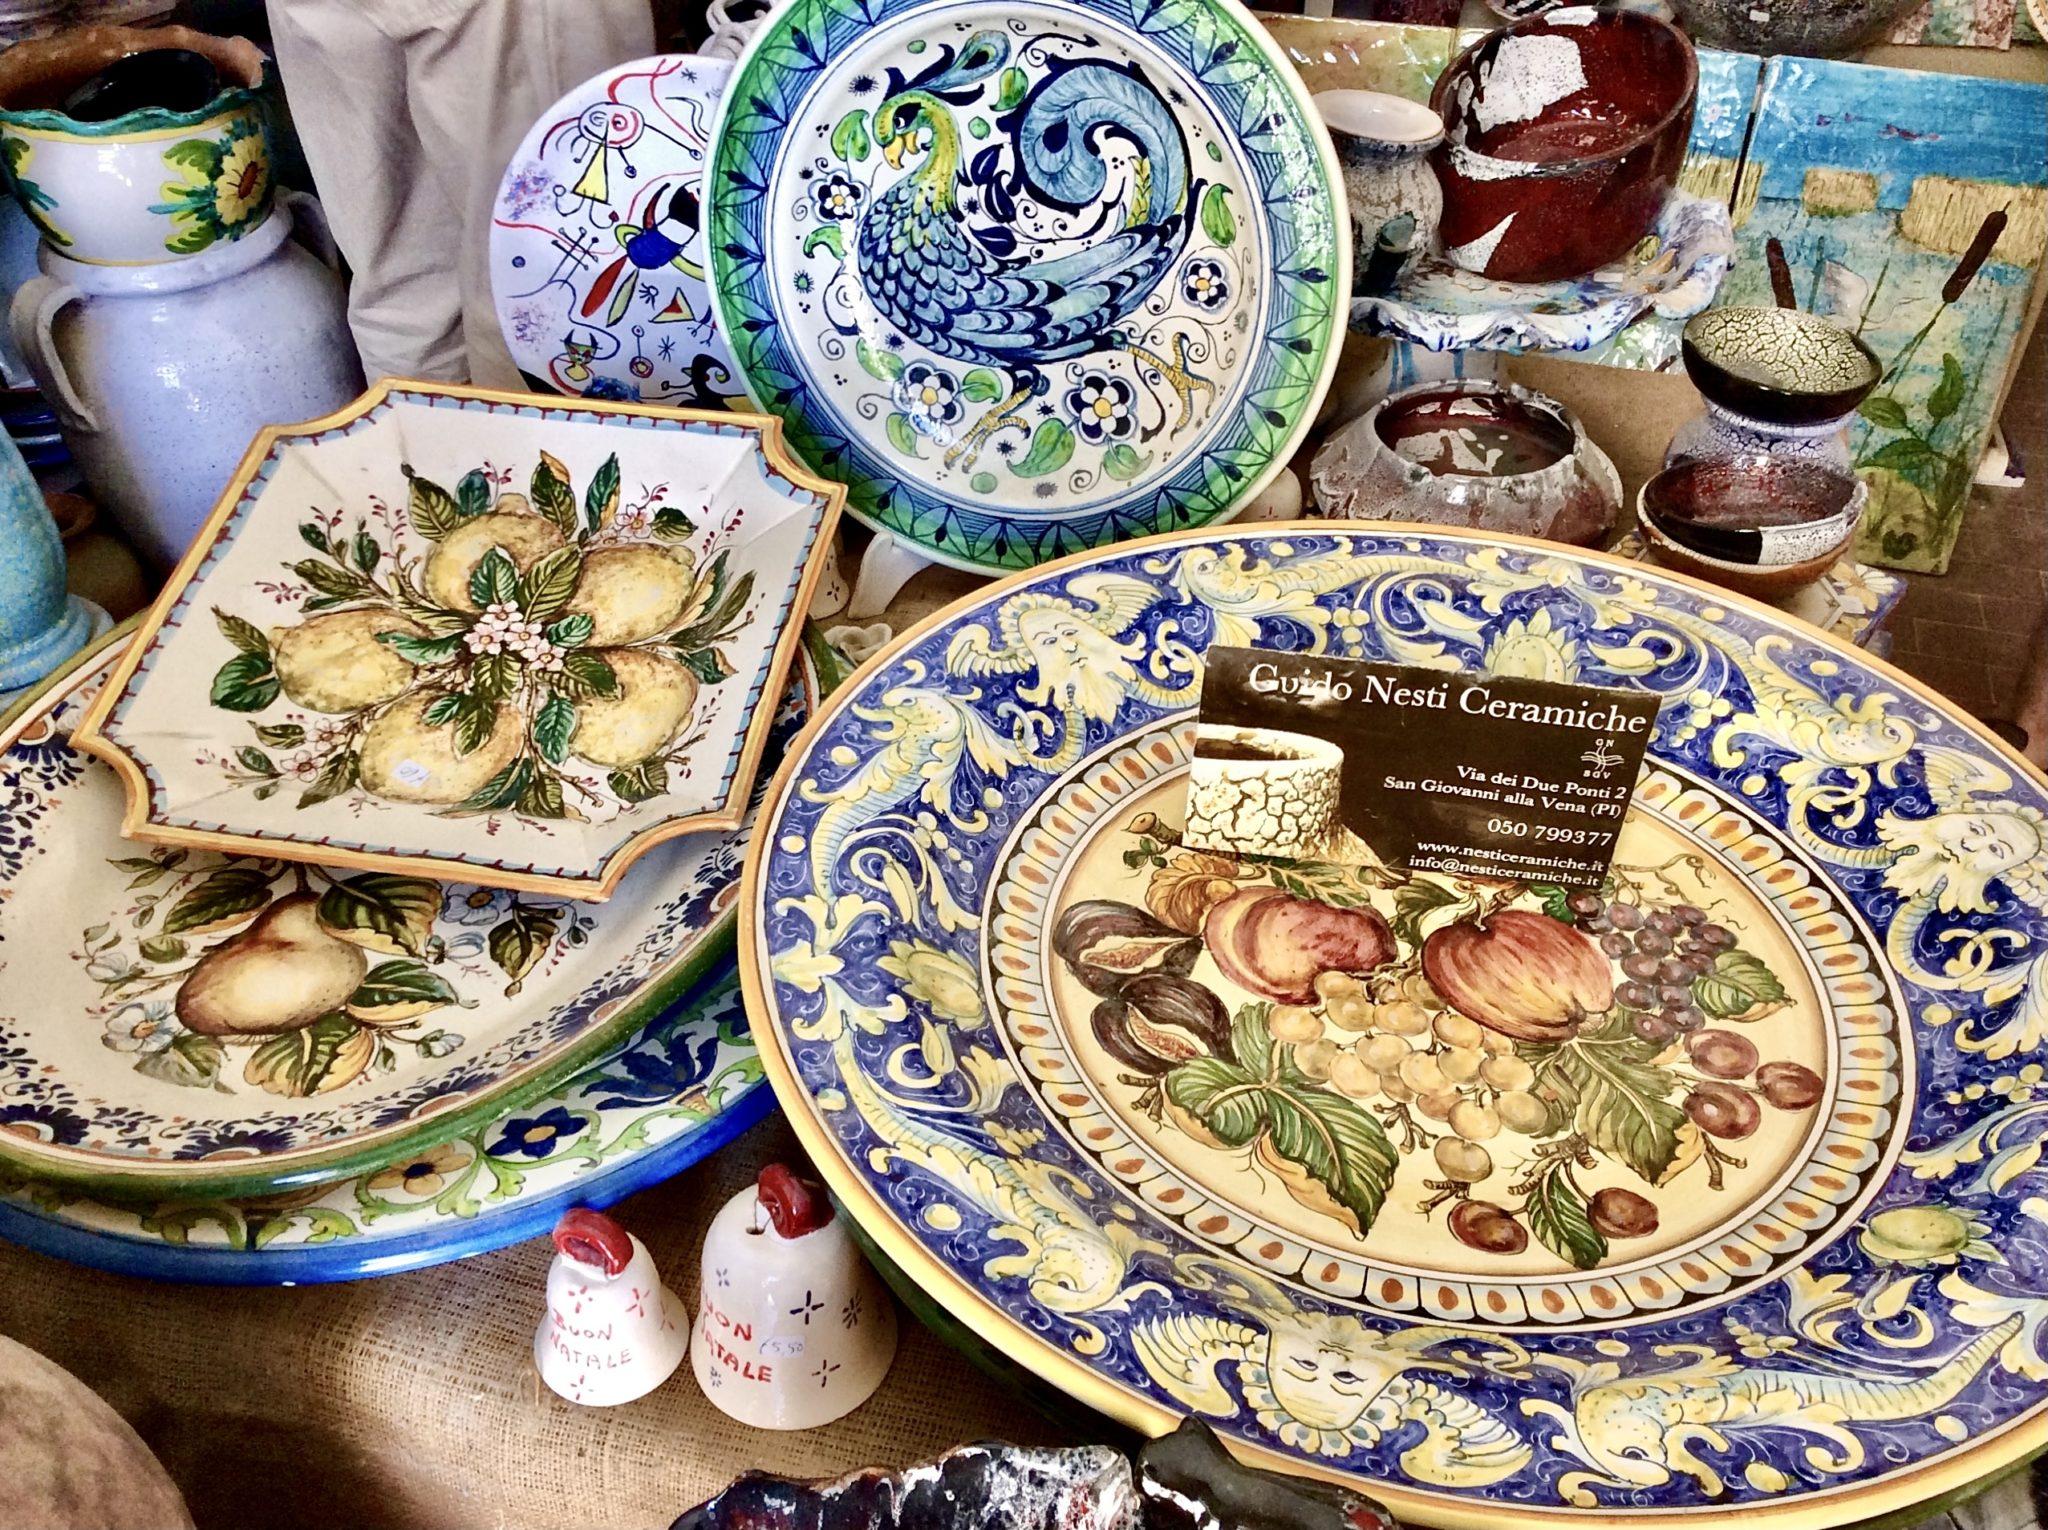 Authentic Tuscan Ceramics from Vicopisano